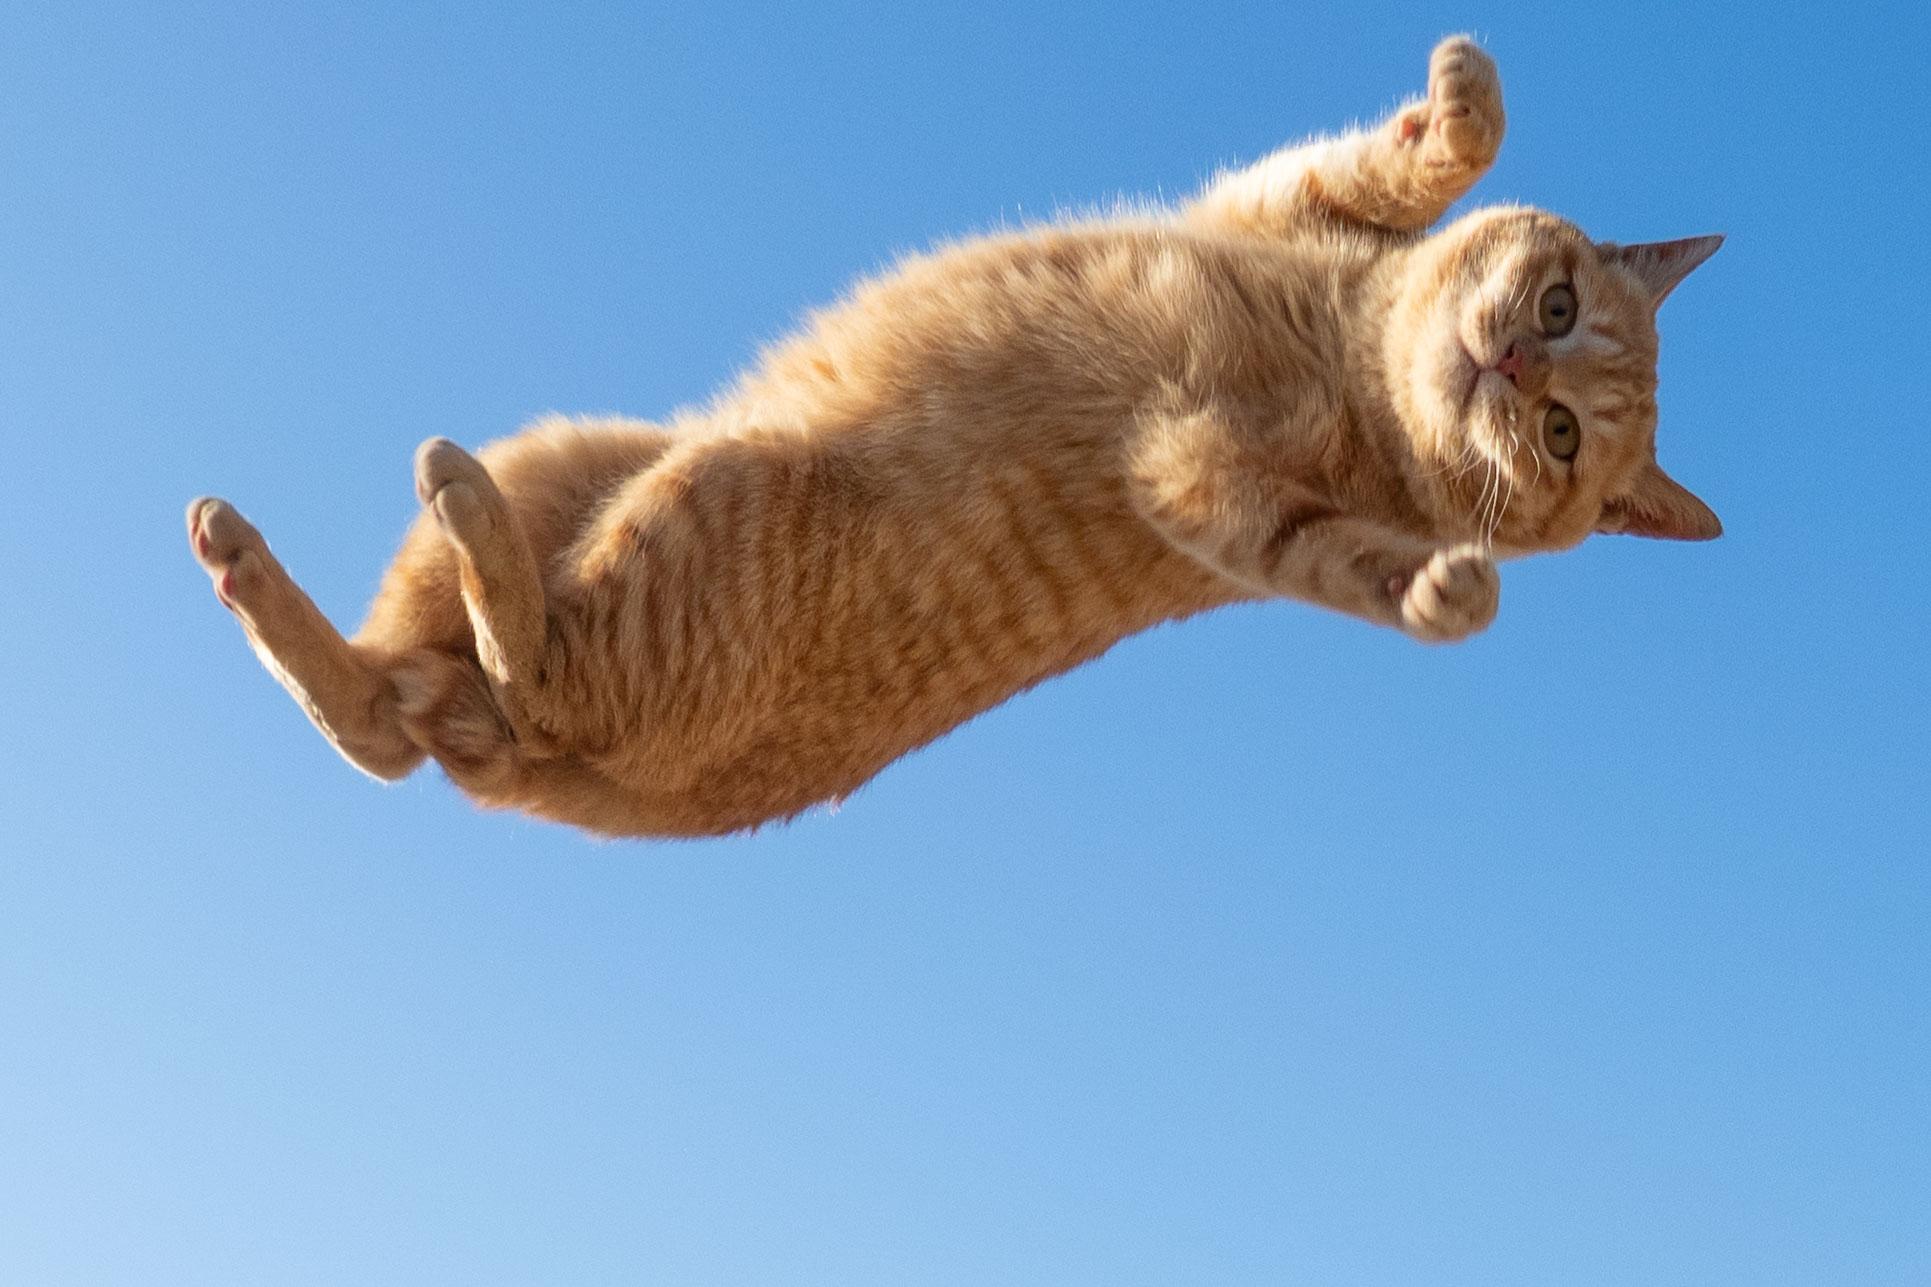 飛んでいる最中に悟った虚無顔の猫